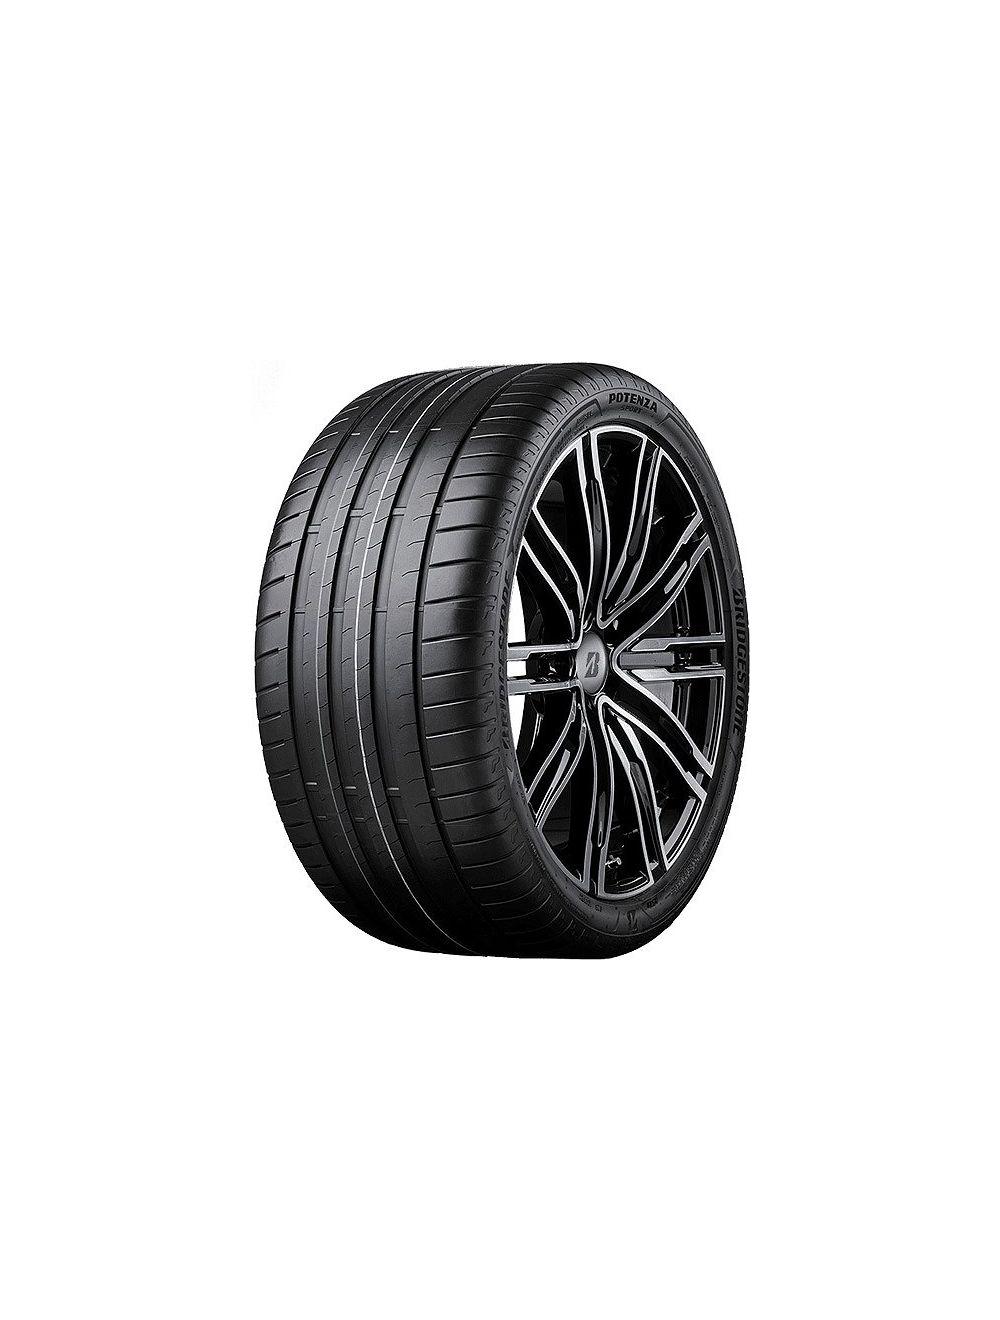 Bridgestone 235/50R18 Y PotenzaSport XL Nyári gumi